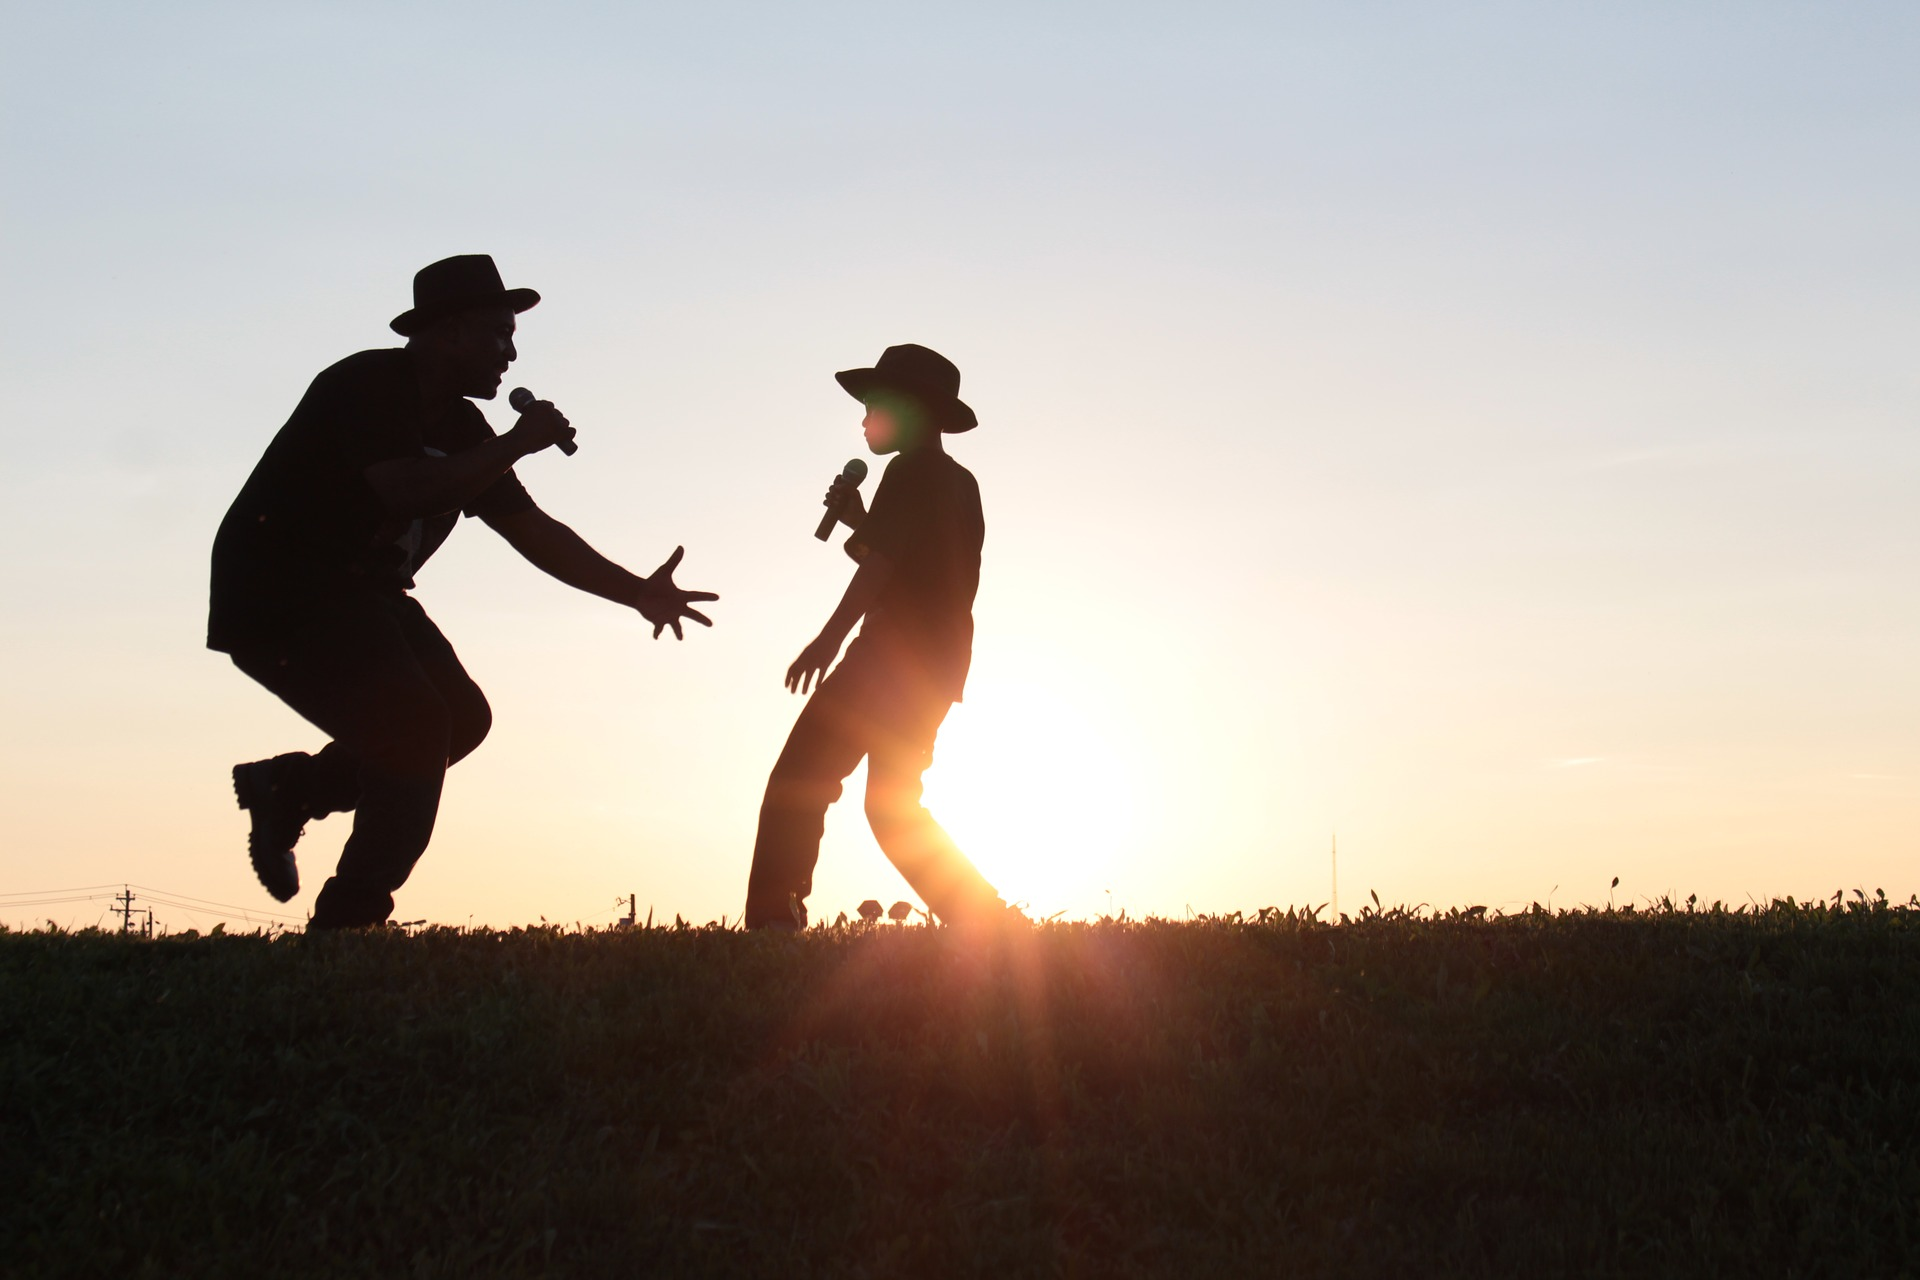 Entre versos, rimas e agricultura: Falando de ciência com RAP